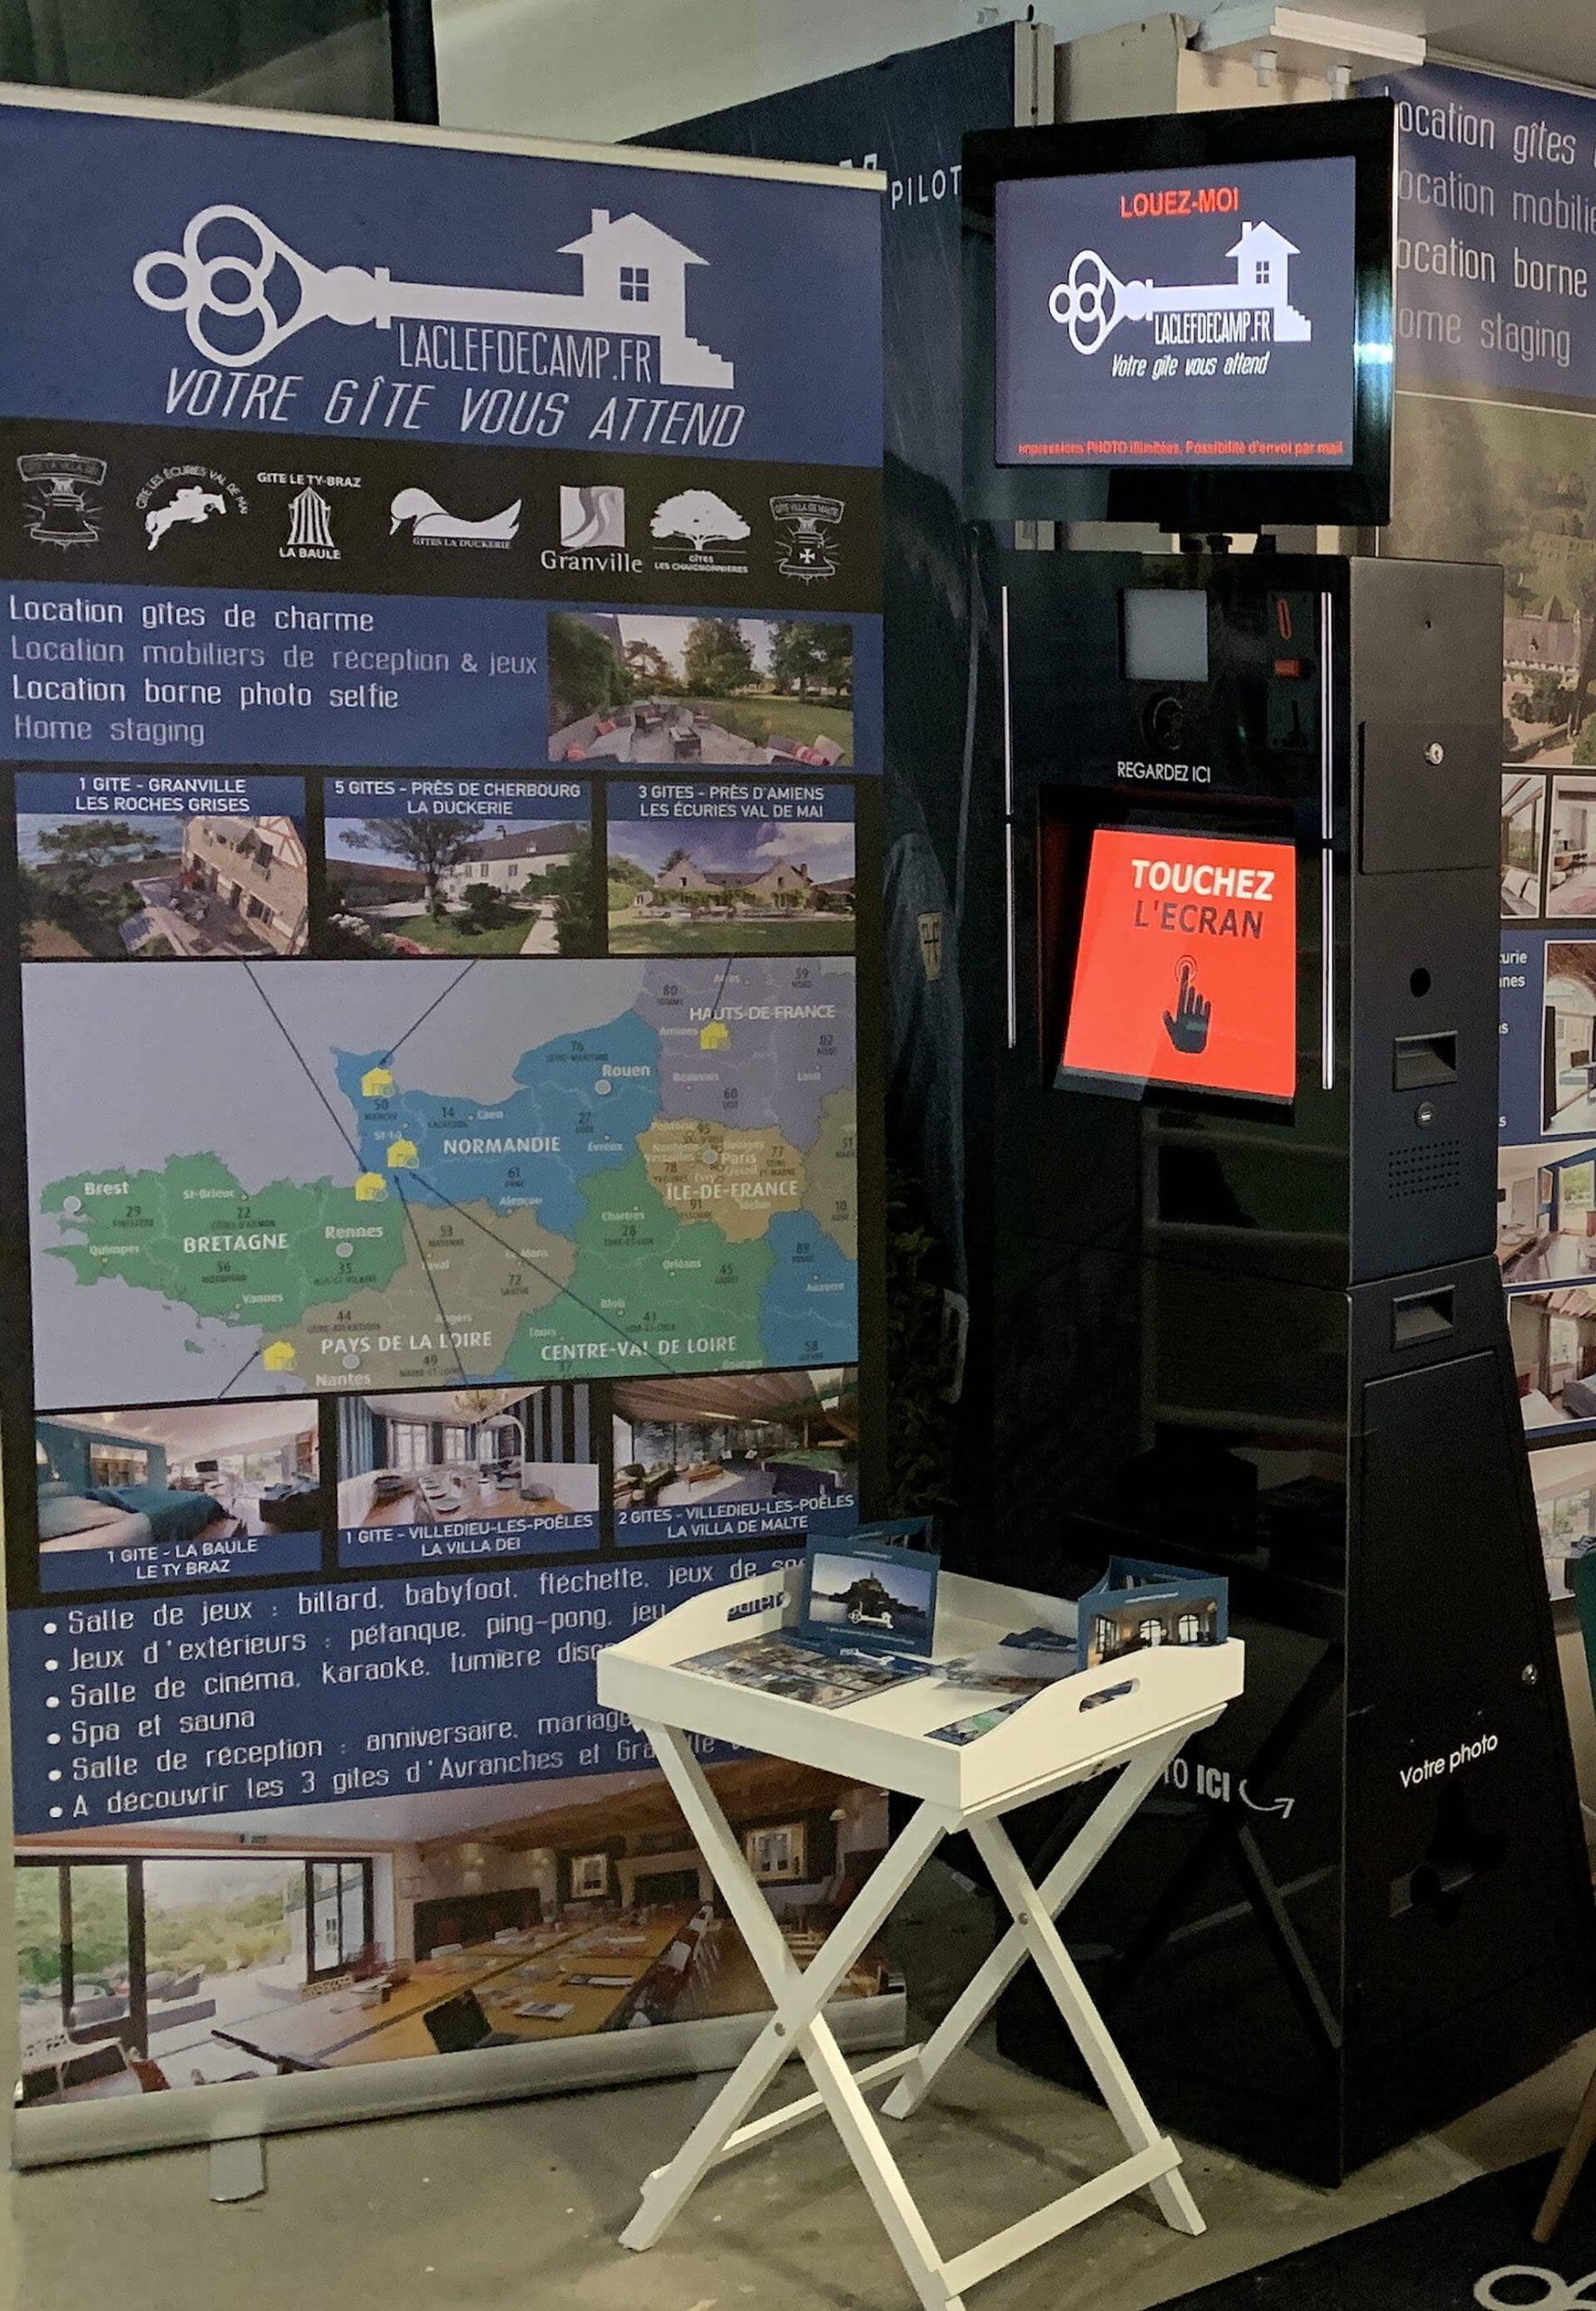 photobooth2 1 scaled - La Clef Decamp s'installe dans un bureau au cœur de ses gîtes - Location de Gite La Clef Decamp - Laclefdecamp.fr